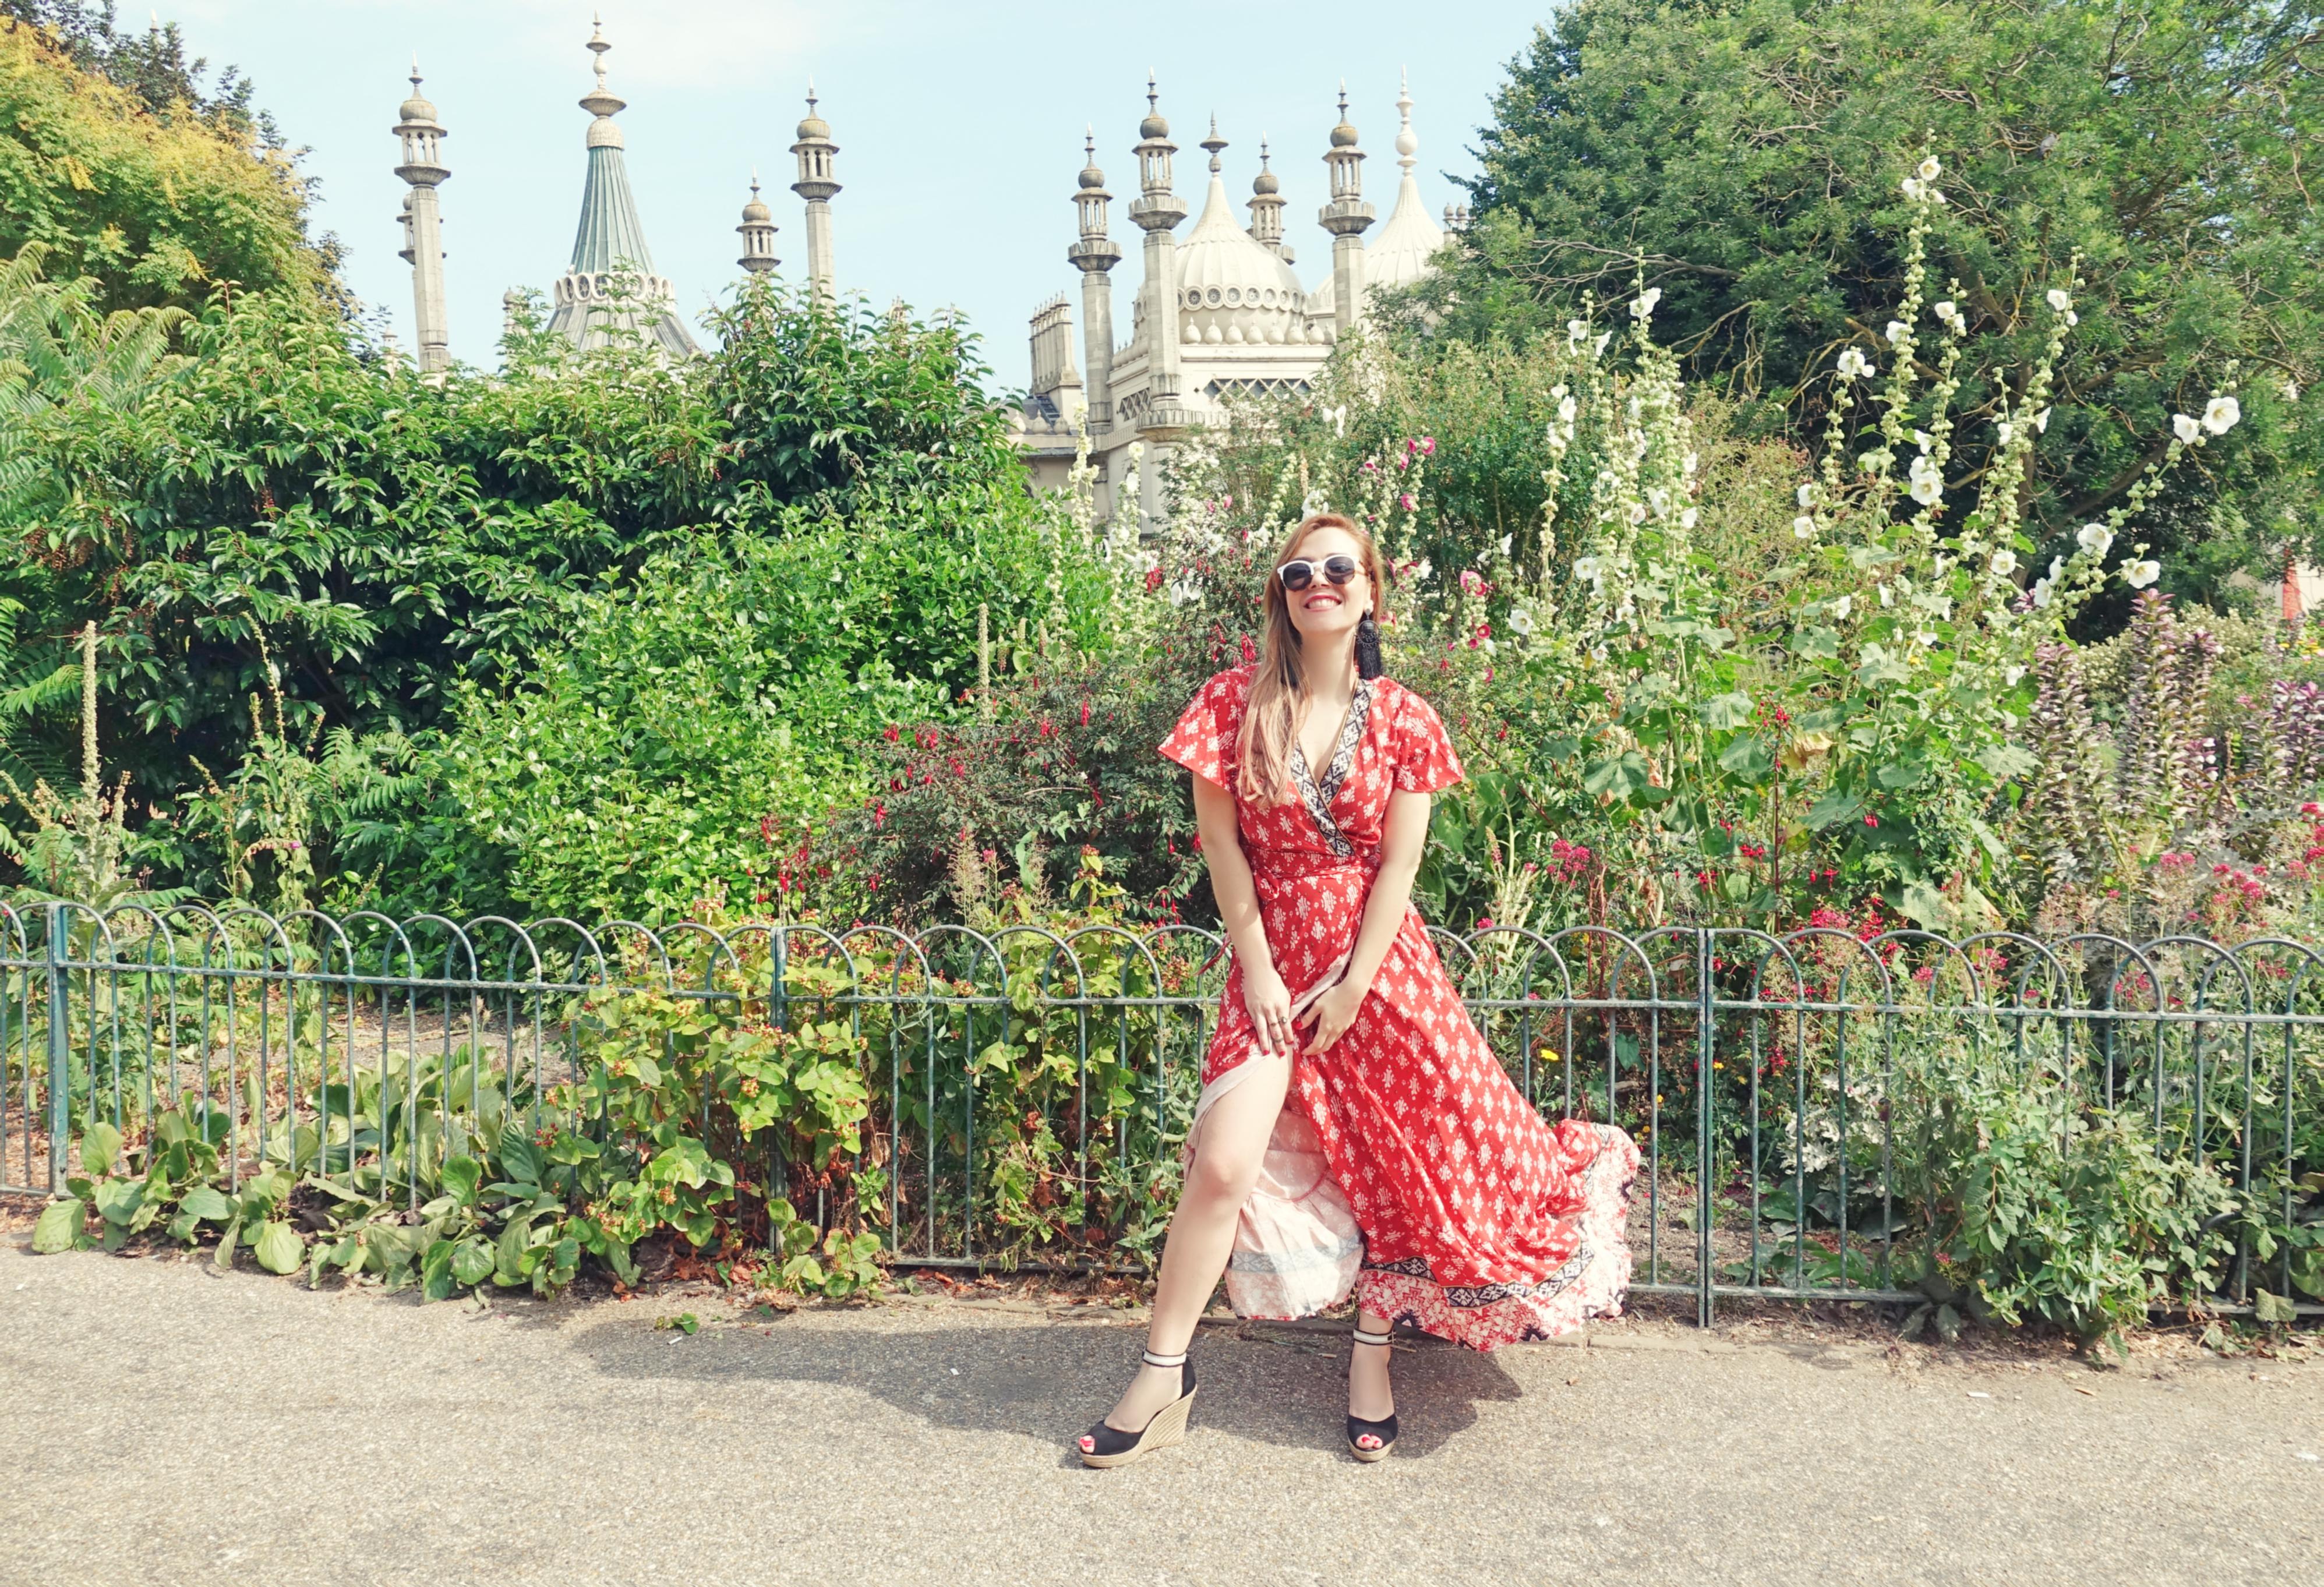 ChicAdicta-blog-de-viajes-fashionista-Chic-adicta-Royal-Pavilion-brighton-floryday-vestidos-PiensaenChic-zapatos-tonipons-Piensa-en-Chic